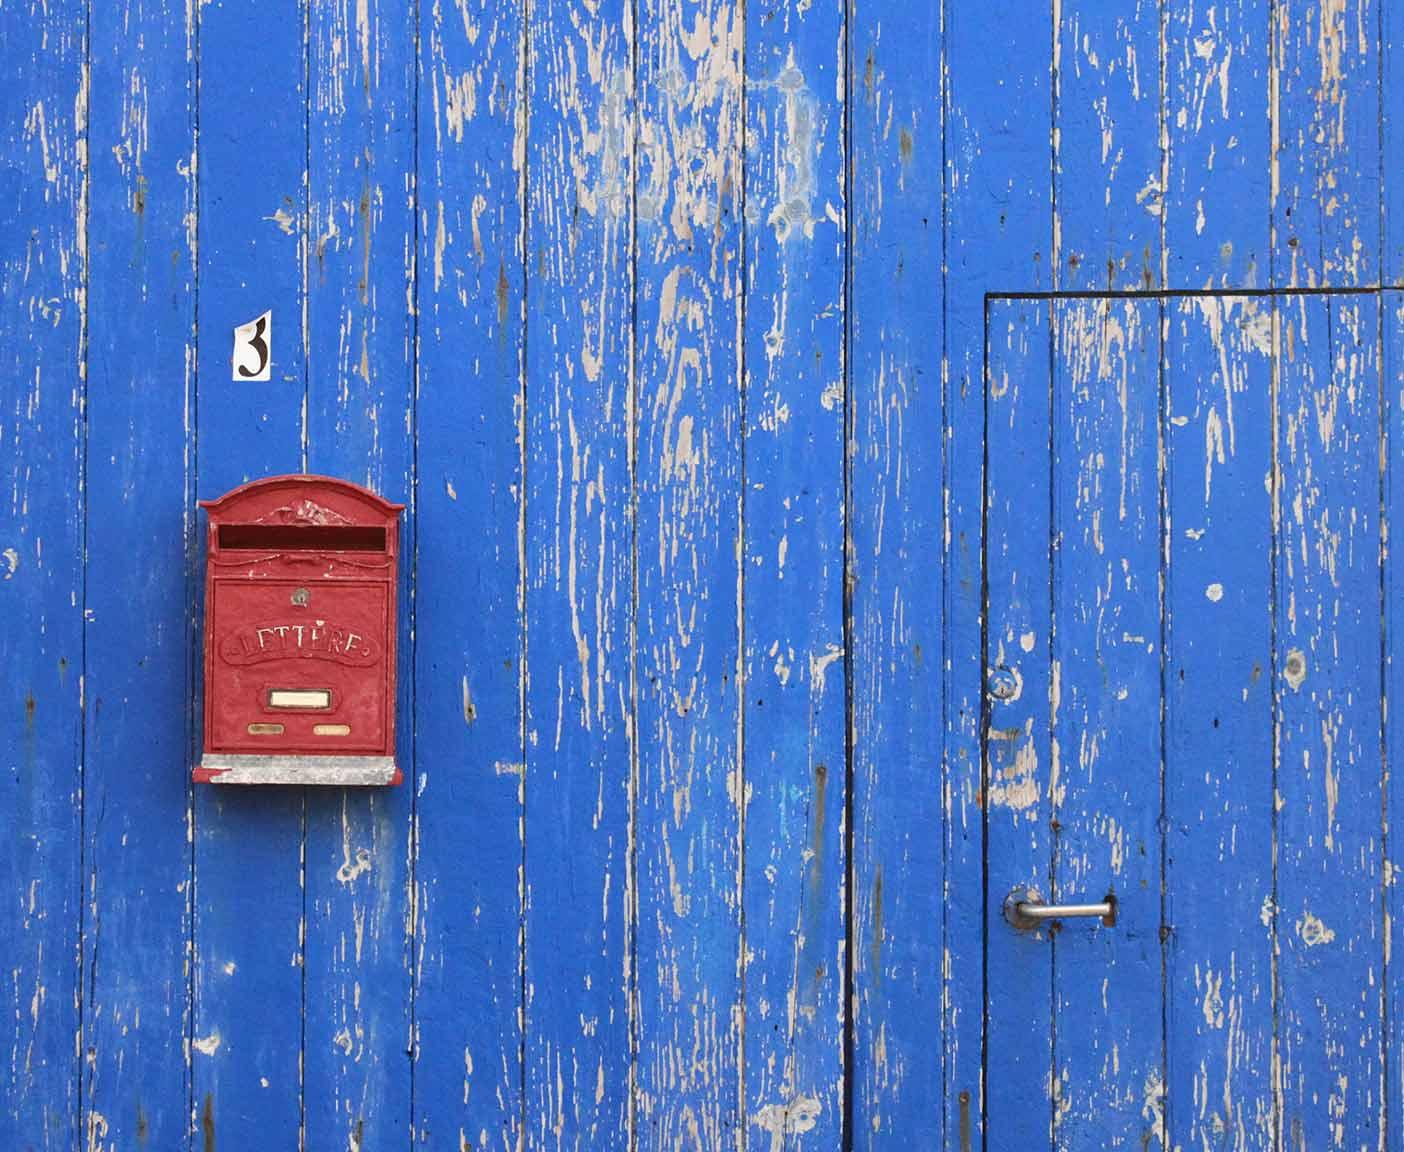 post-digitalisieren-vergleich-caya-e-postscan-kuendigen-nachsendeauftrag-briefkasten-epost